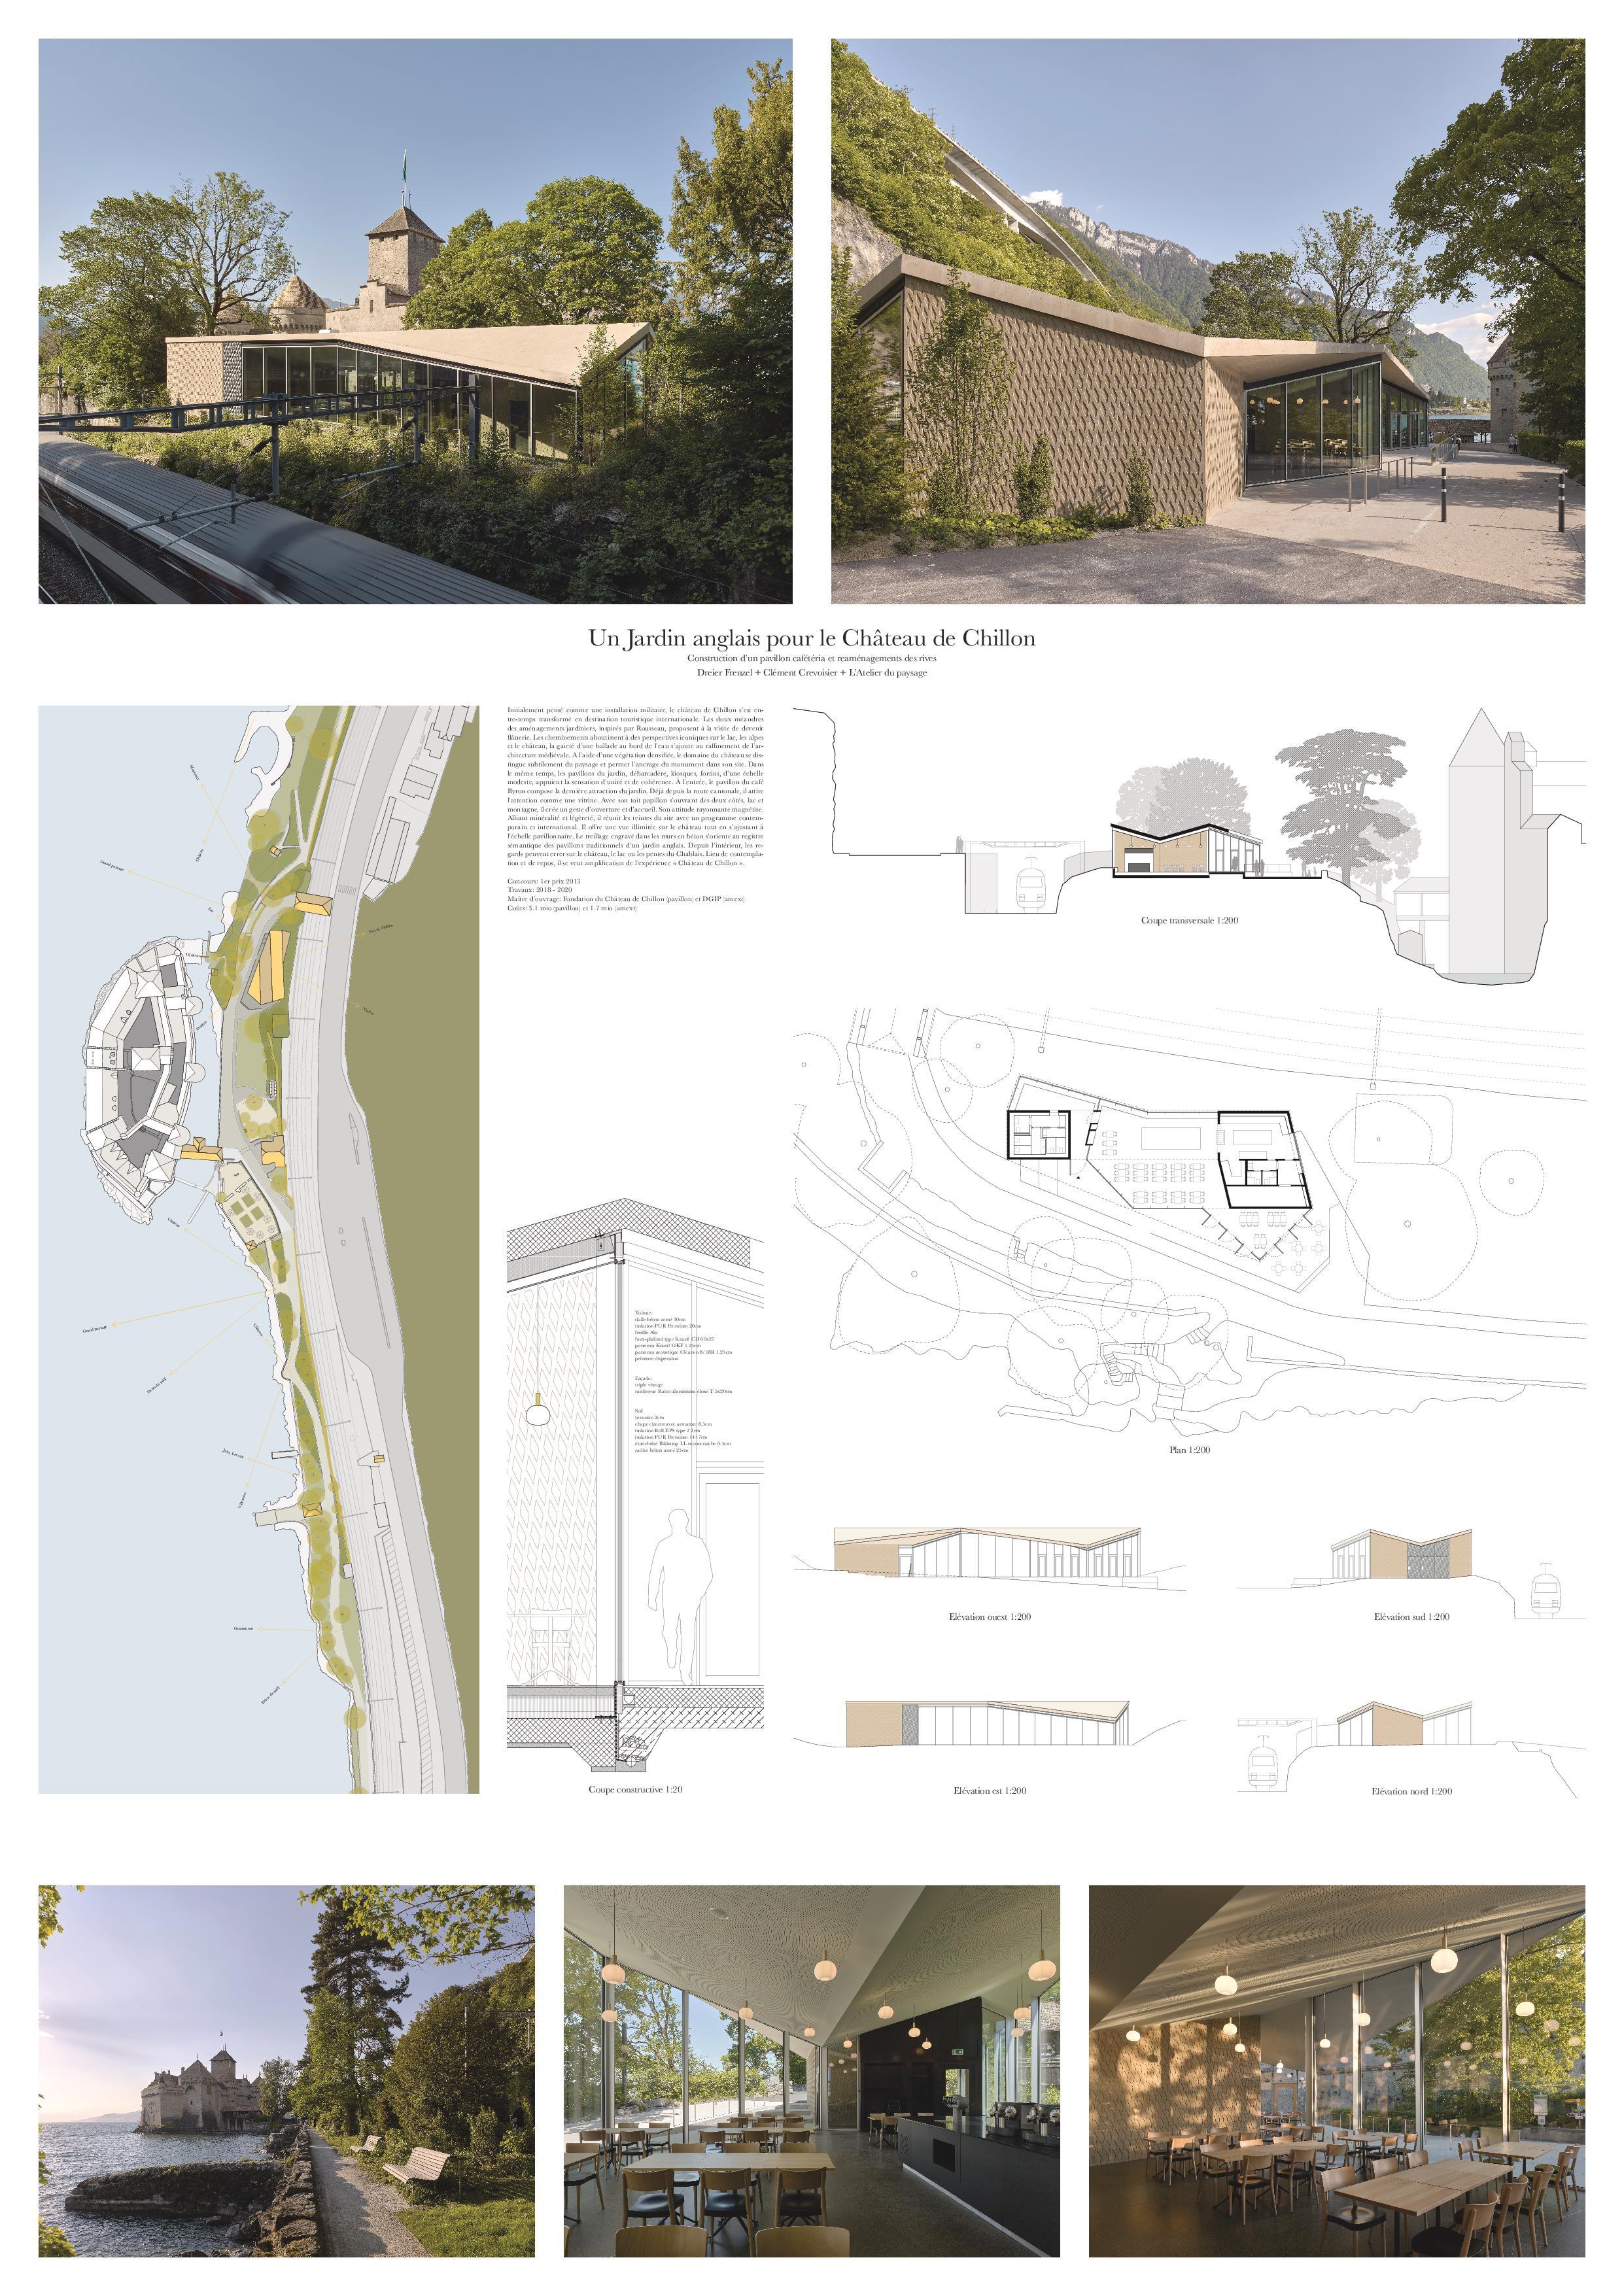 Planche A0 Un Jardin anglais pour le Château de Chillon de Dreier Frenzel